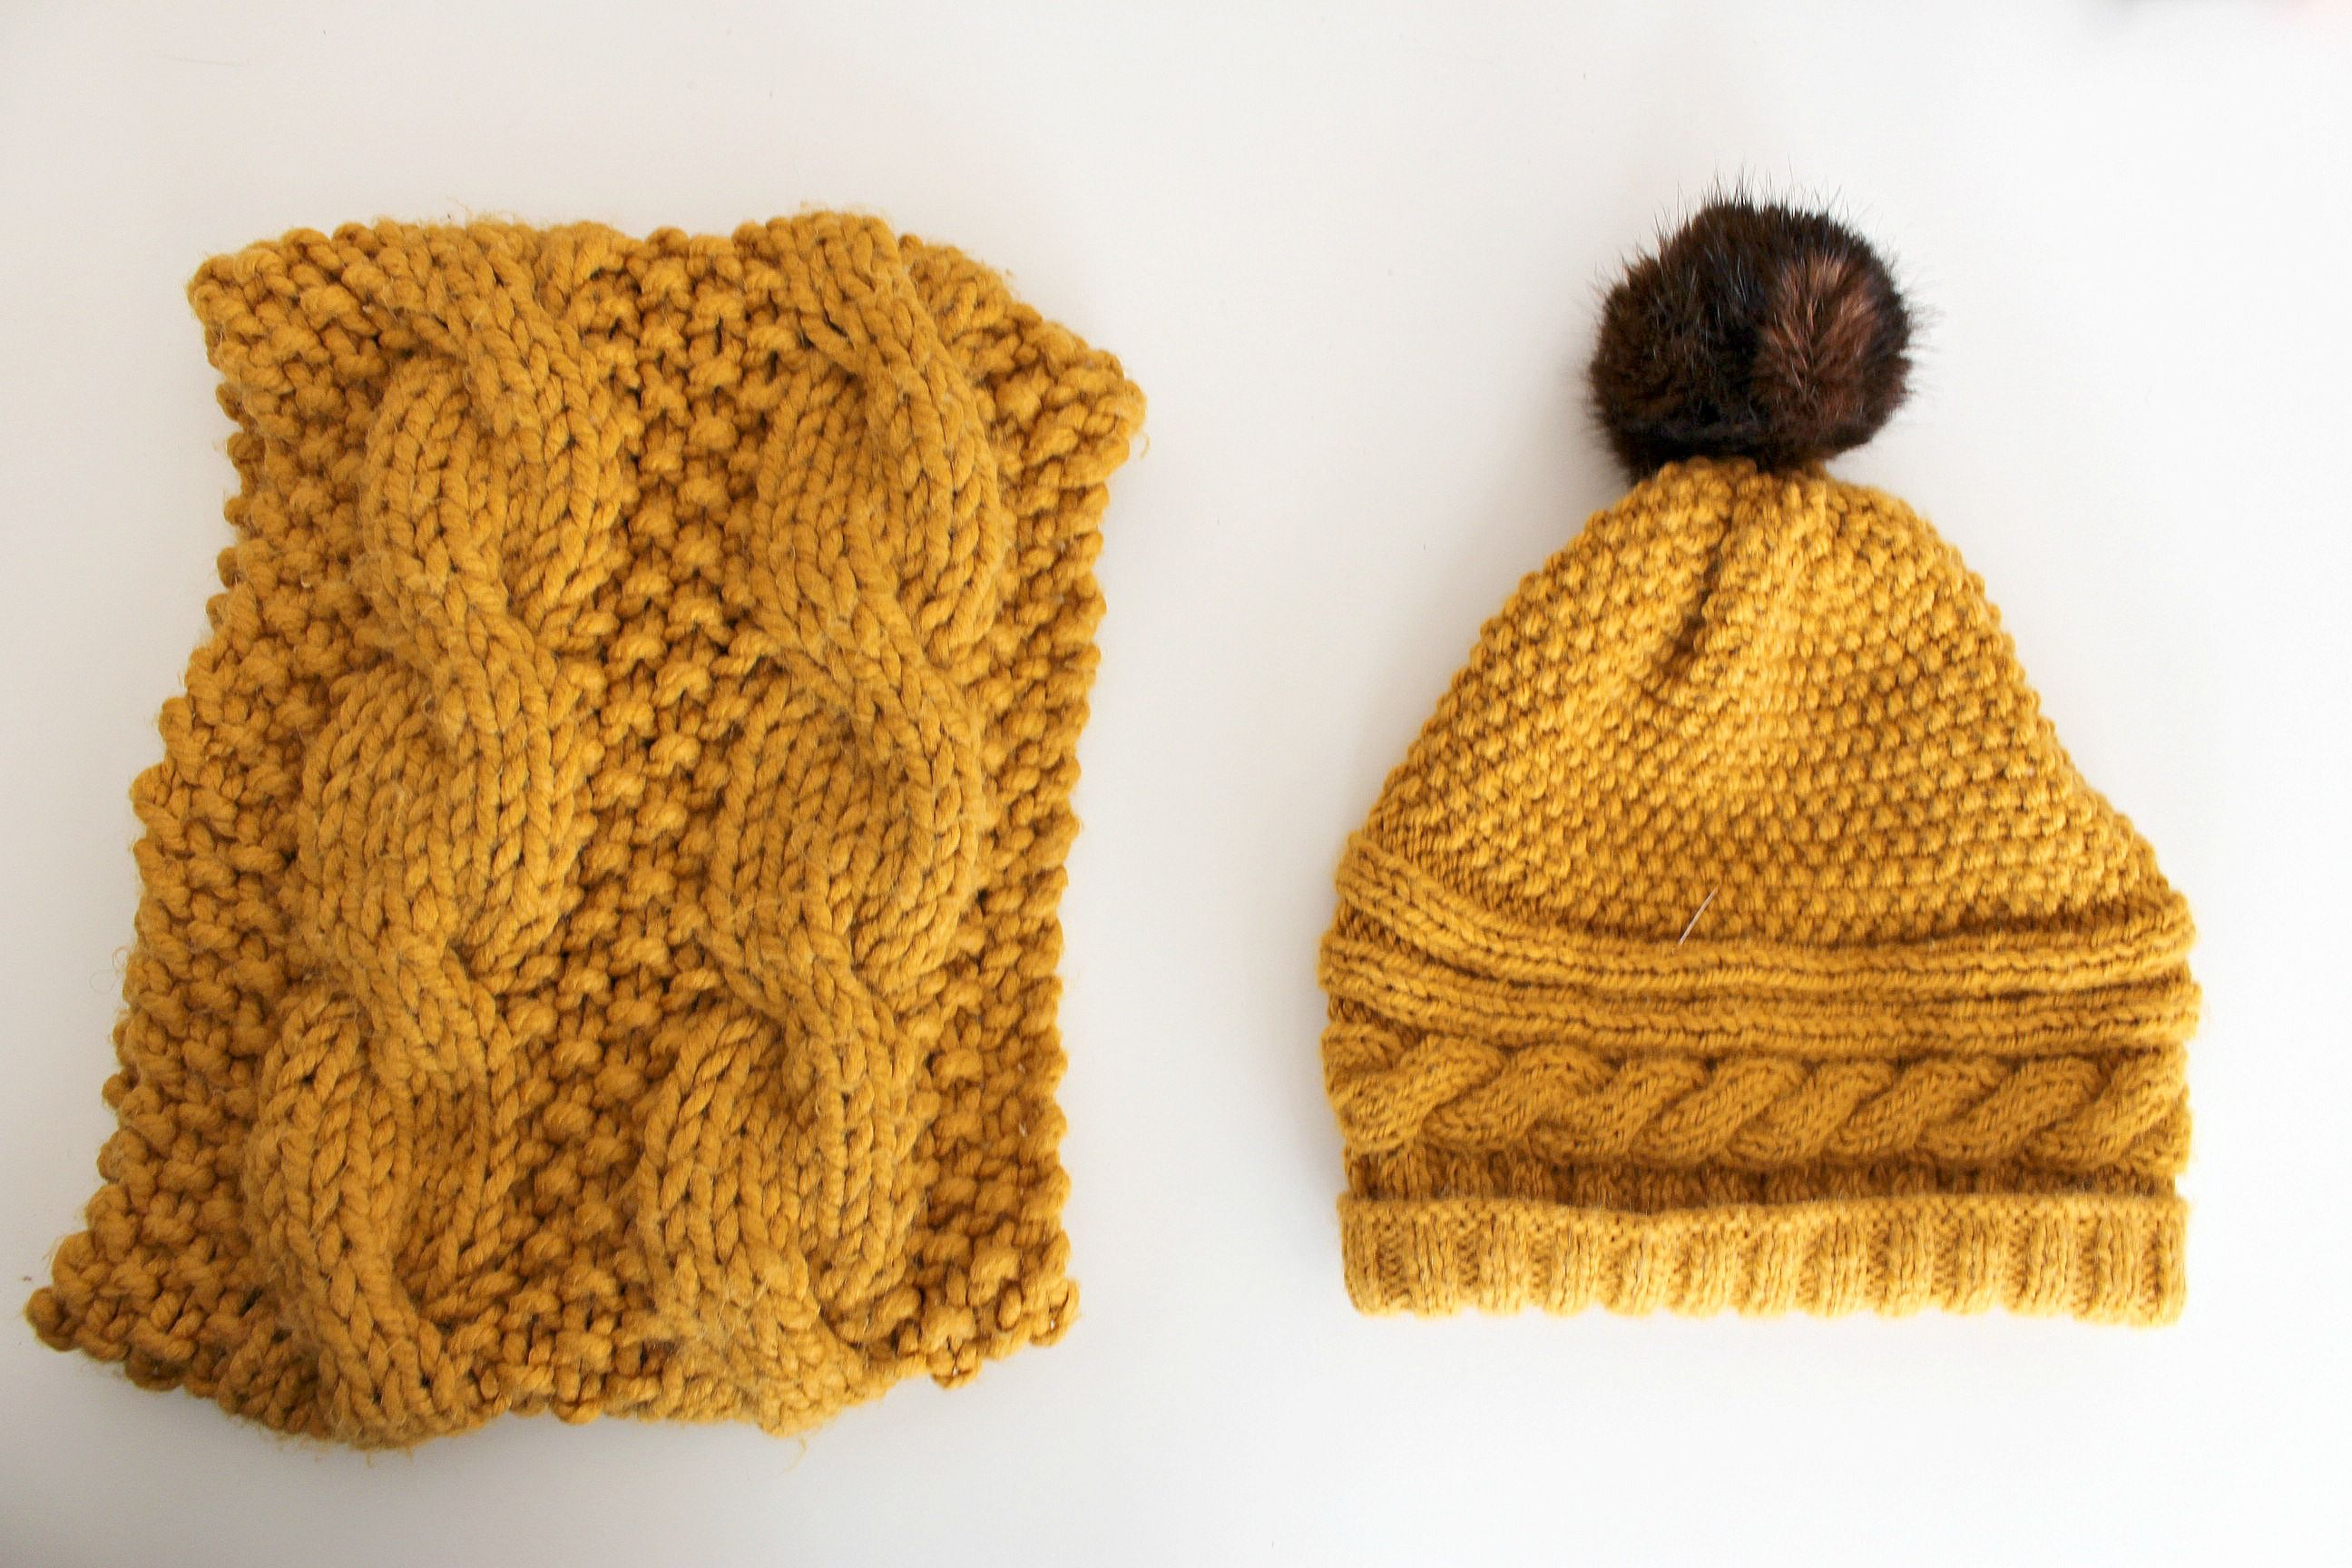 Snood et bonnet couleur moutarde au tricot Le snood est un modèle de chez  Katia Quelques réalisations au tricot - Mamzellessaye  diy  tricot  katia   snood   ... dfea61ee5a8